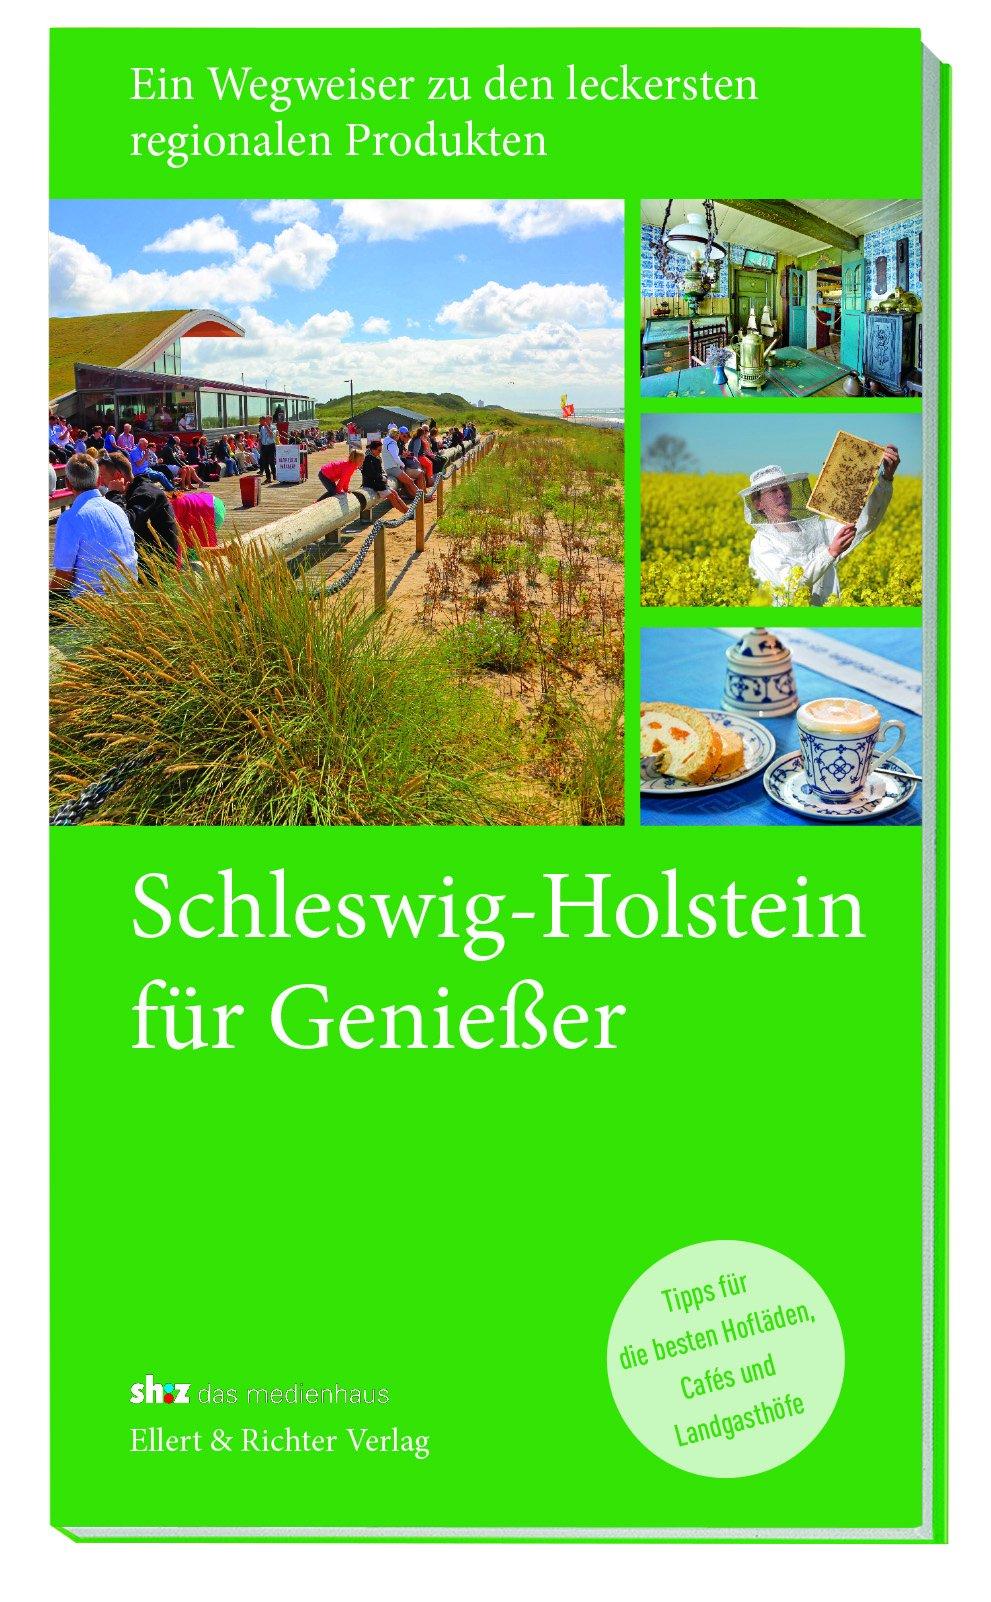 Schleswig-Holstein ... für Genießer. Ein Wegweiser zu den leckersten regionalen Produkten. Tipps für die besten Hofläden, Cafés und Landgasthöfe u.v.m.